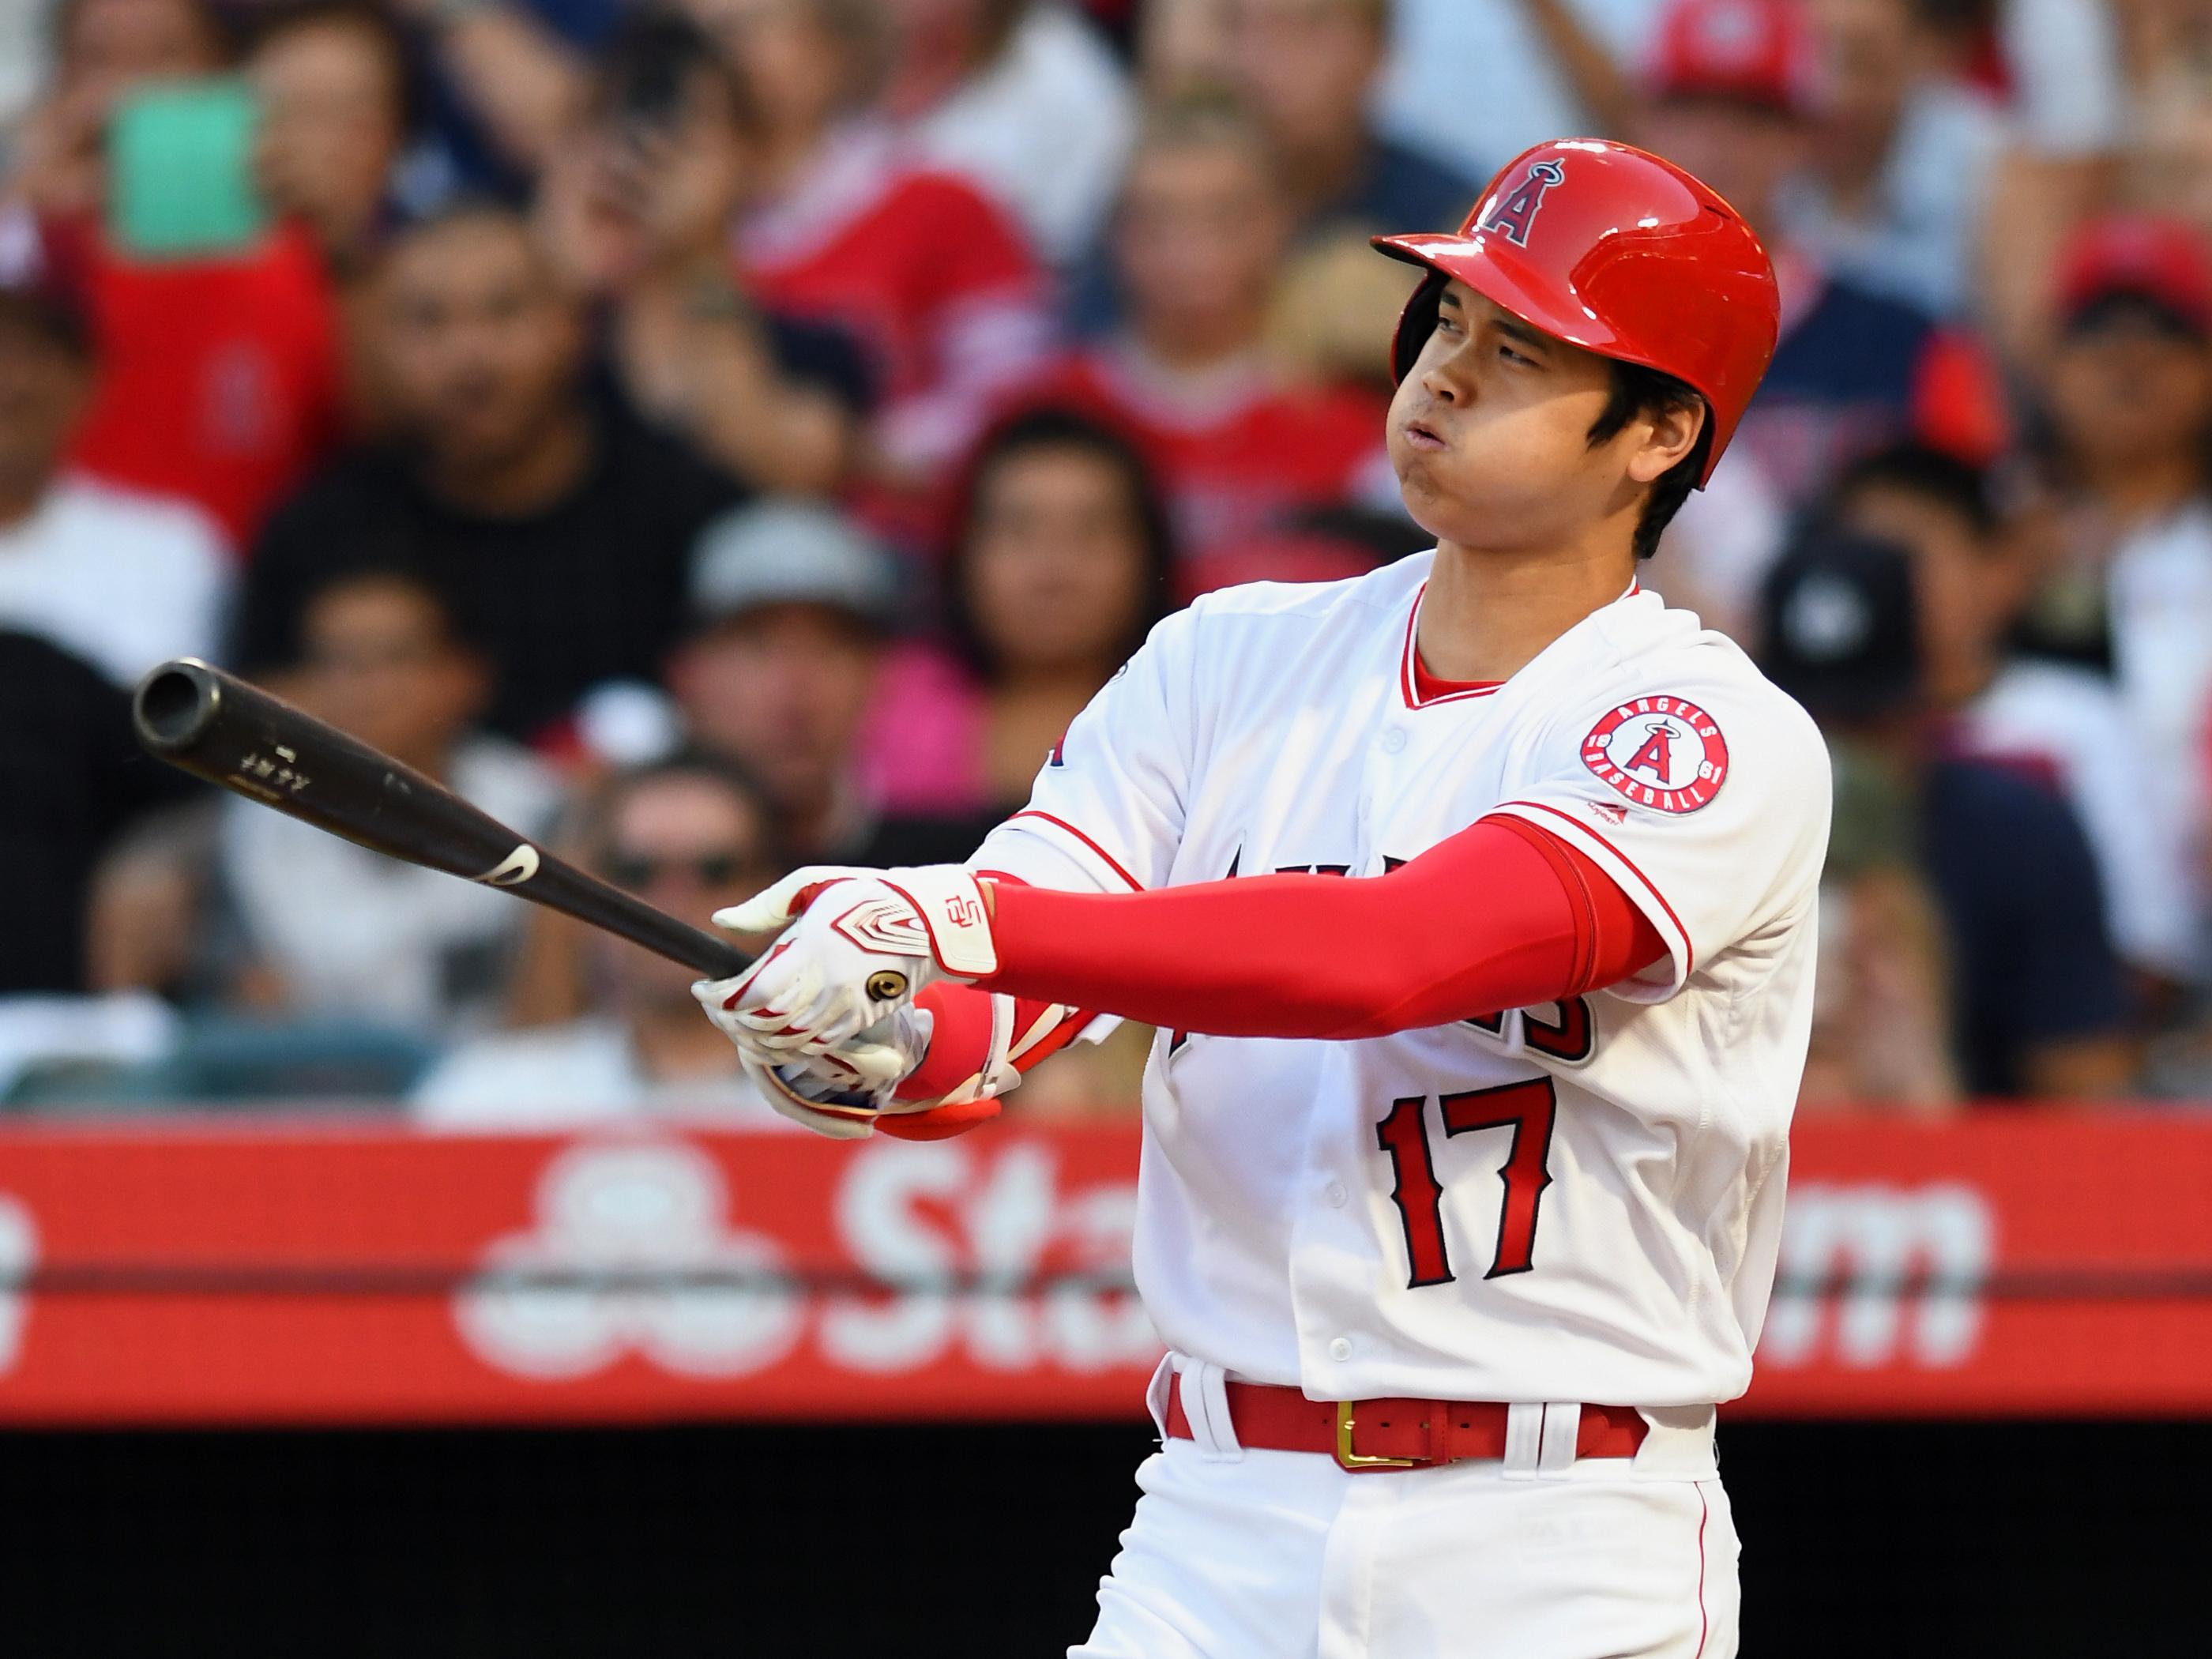 MLB: JUL 10 Mariners at Angels